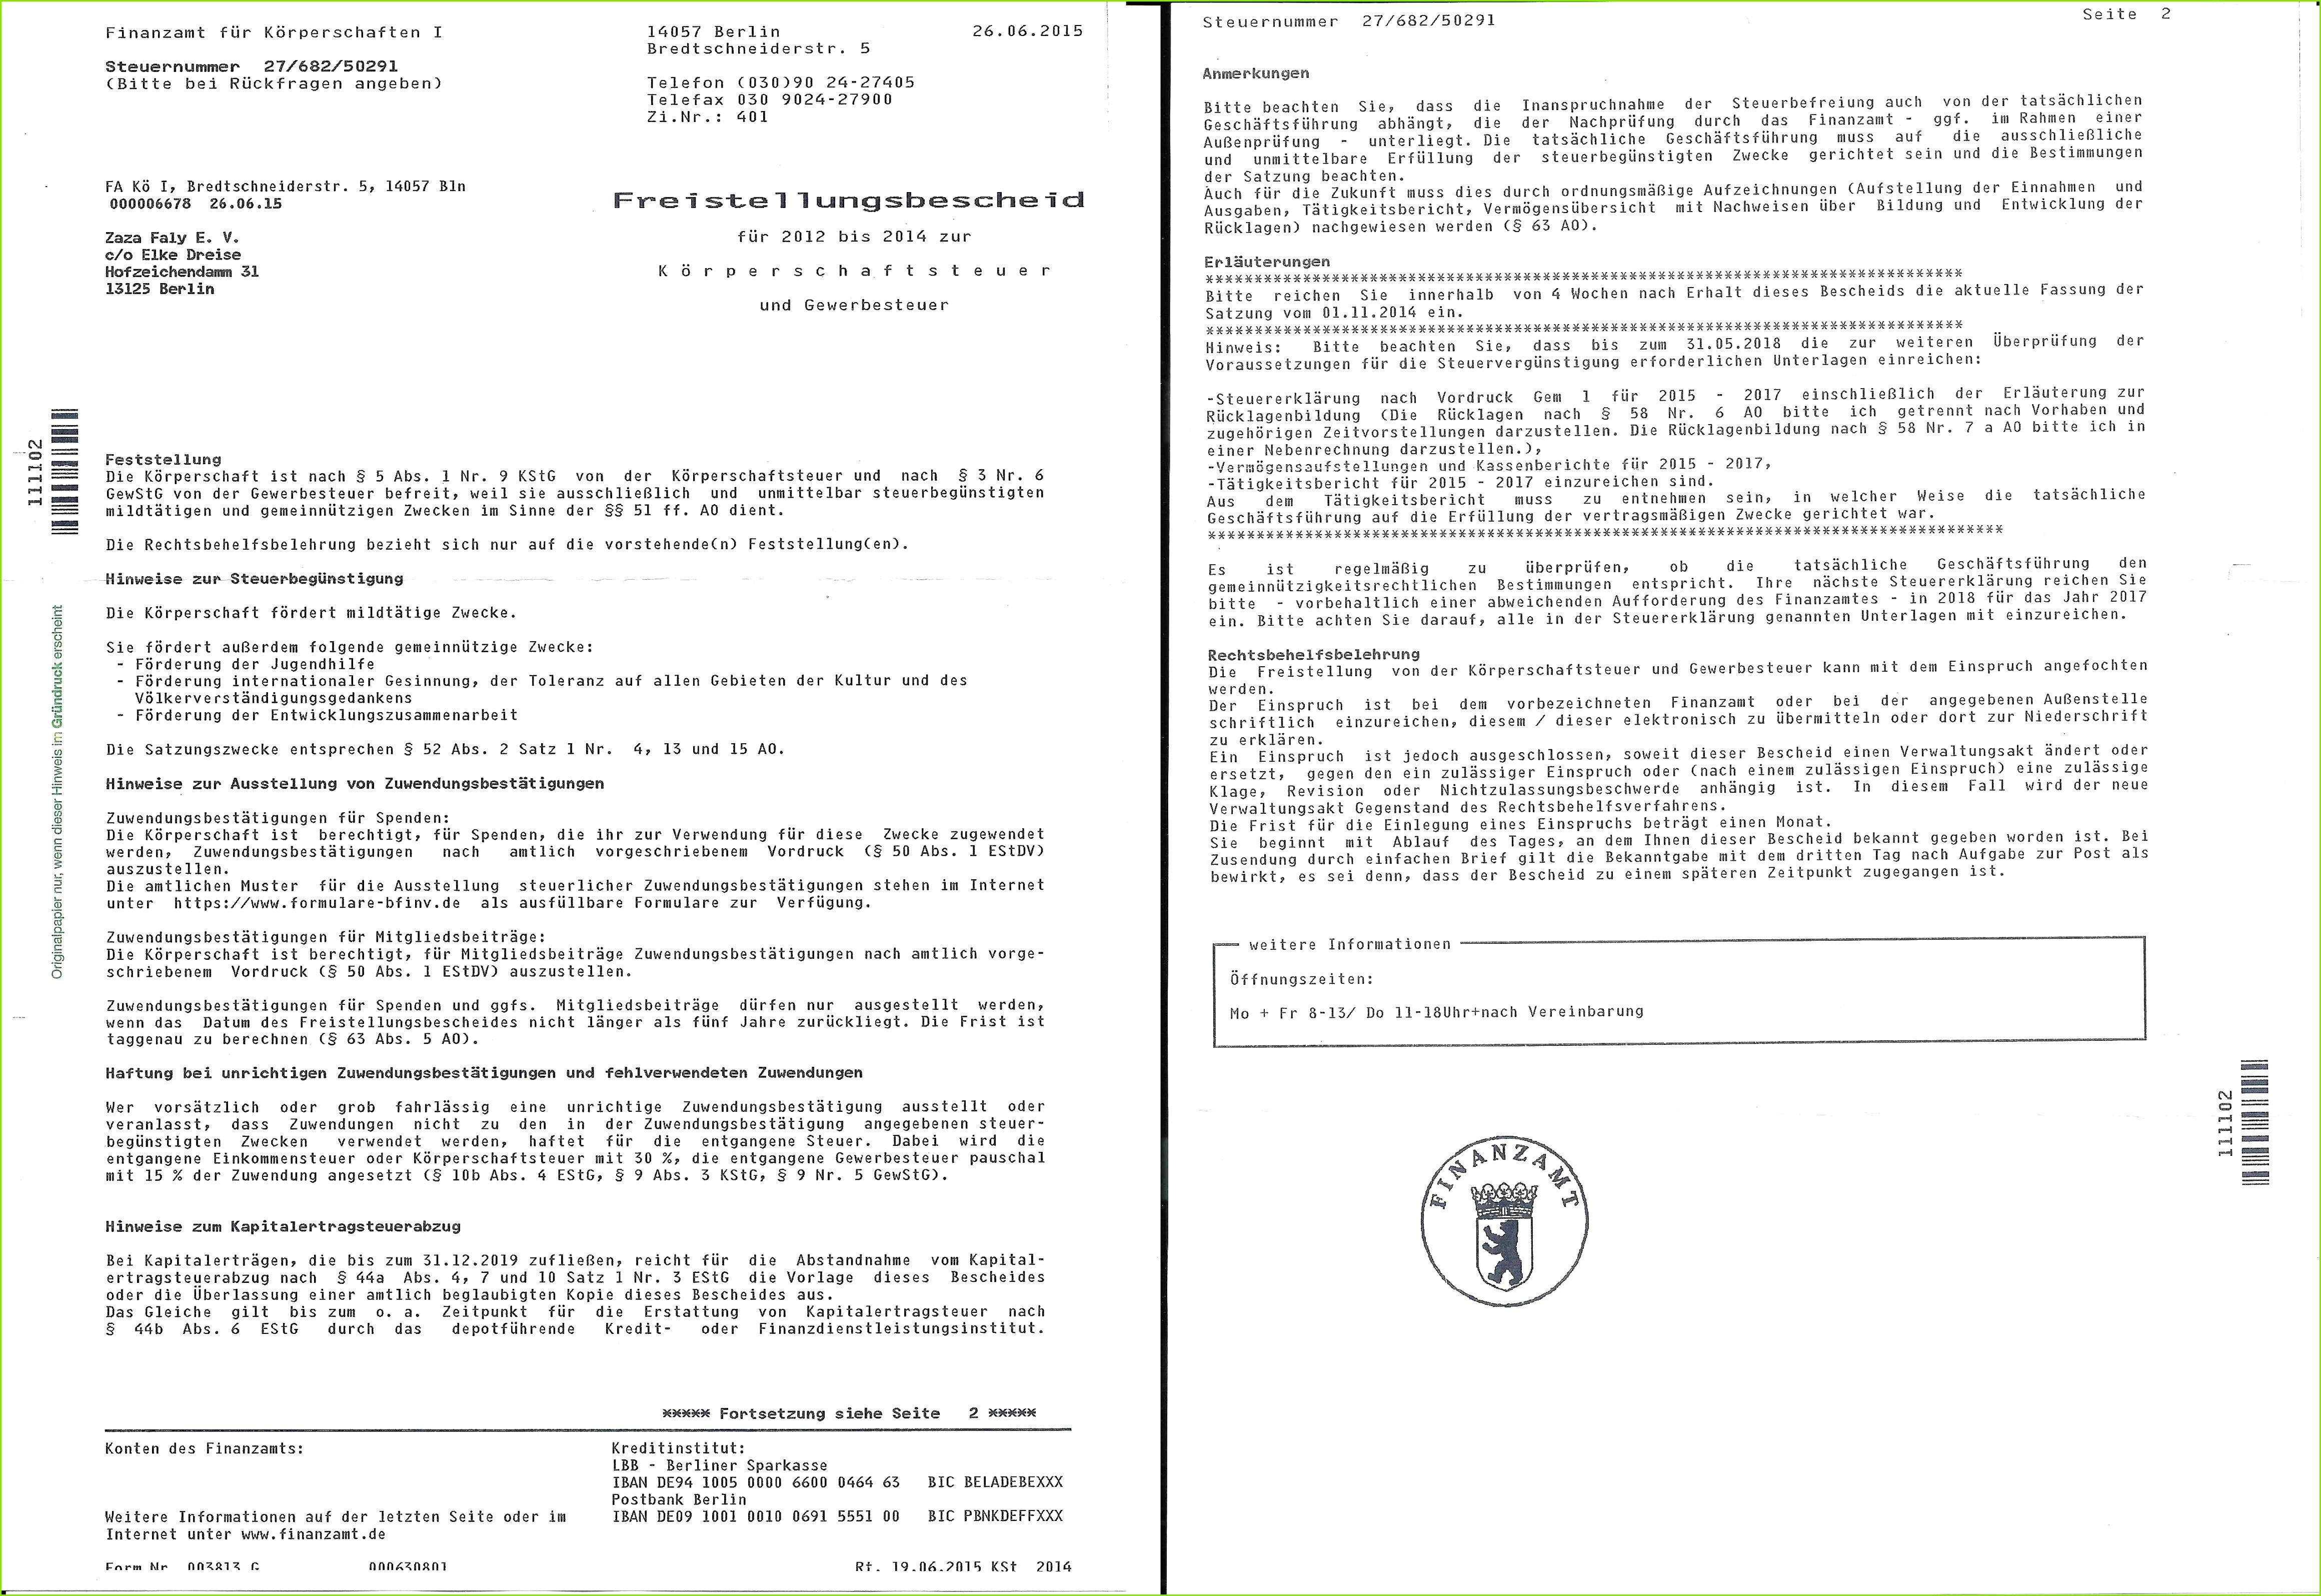 Freistellungsbescheid Infobroschuere Kooperationsvertrag mit Manda Mitgliedschaftsformular